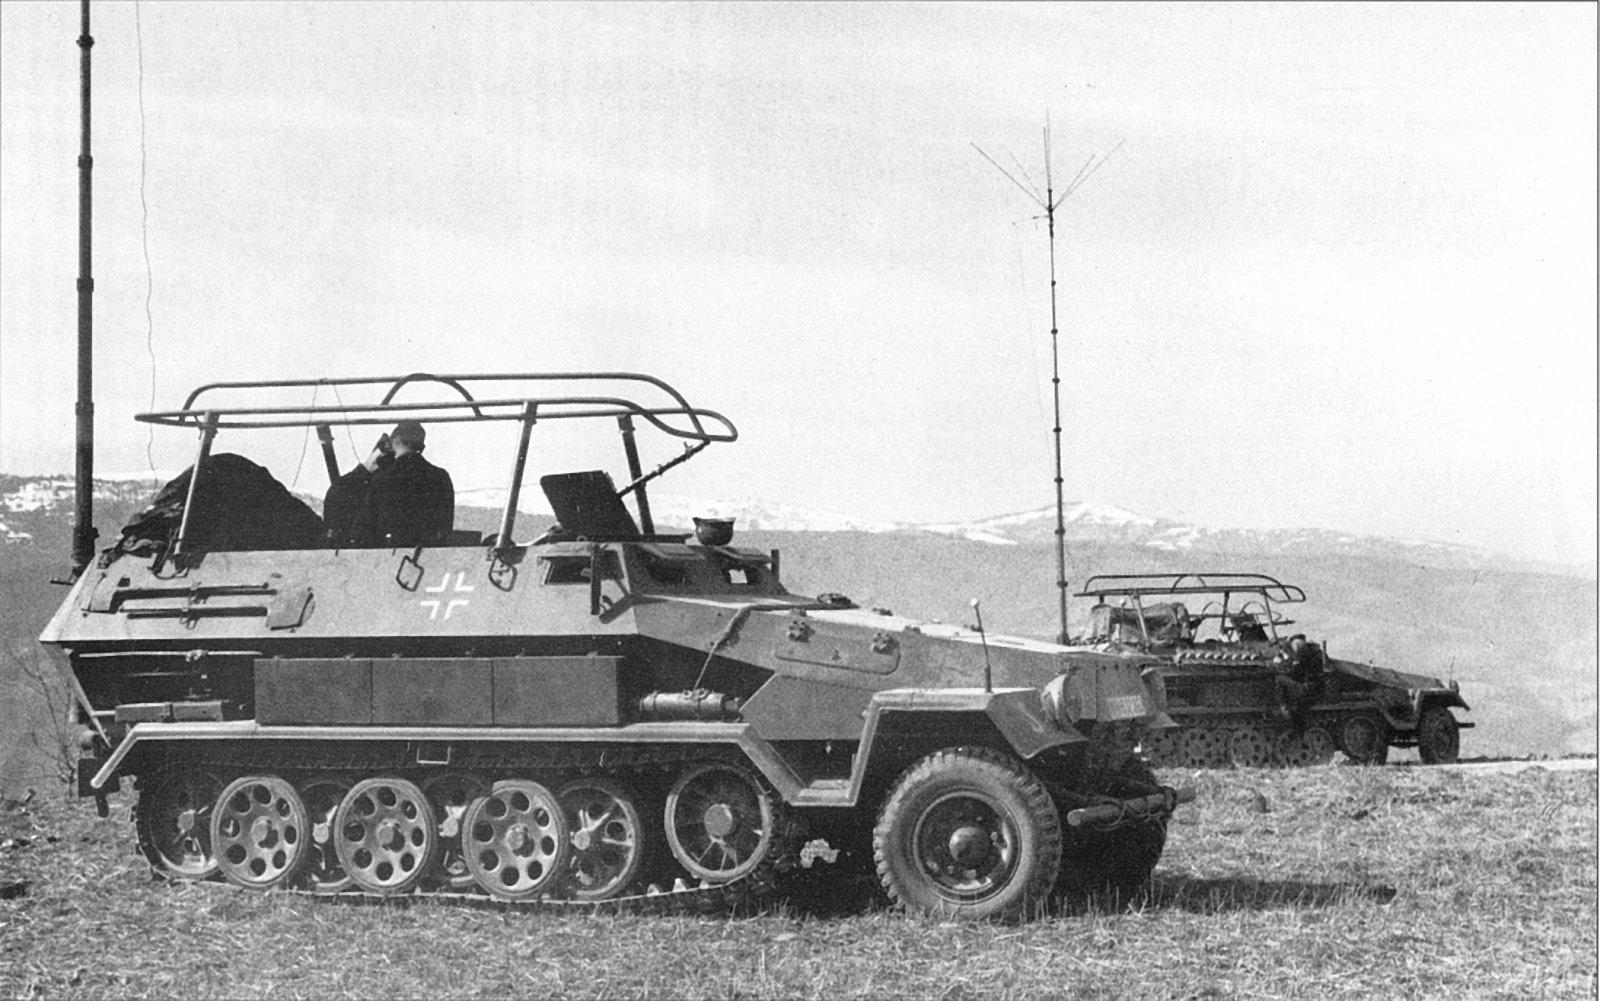 1963523013_SdKfz251(12).jpg.34508cd8b23737fc8658ba70afcee84e.jpg